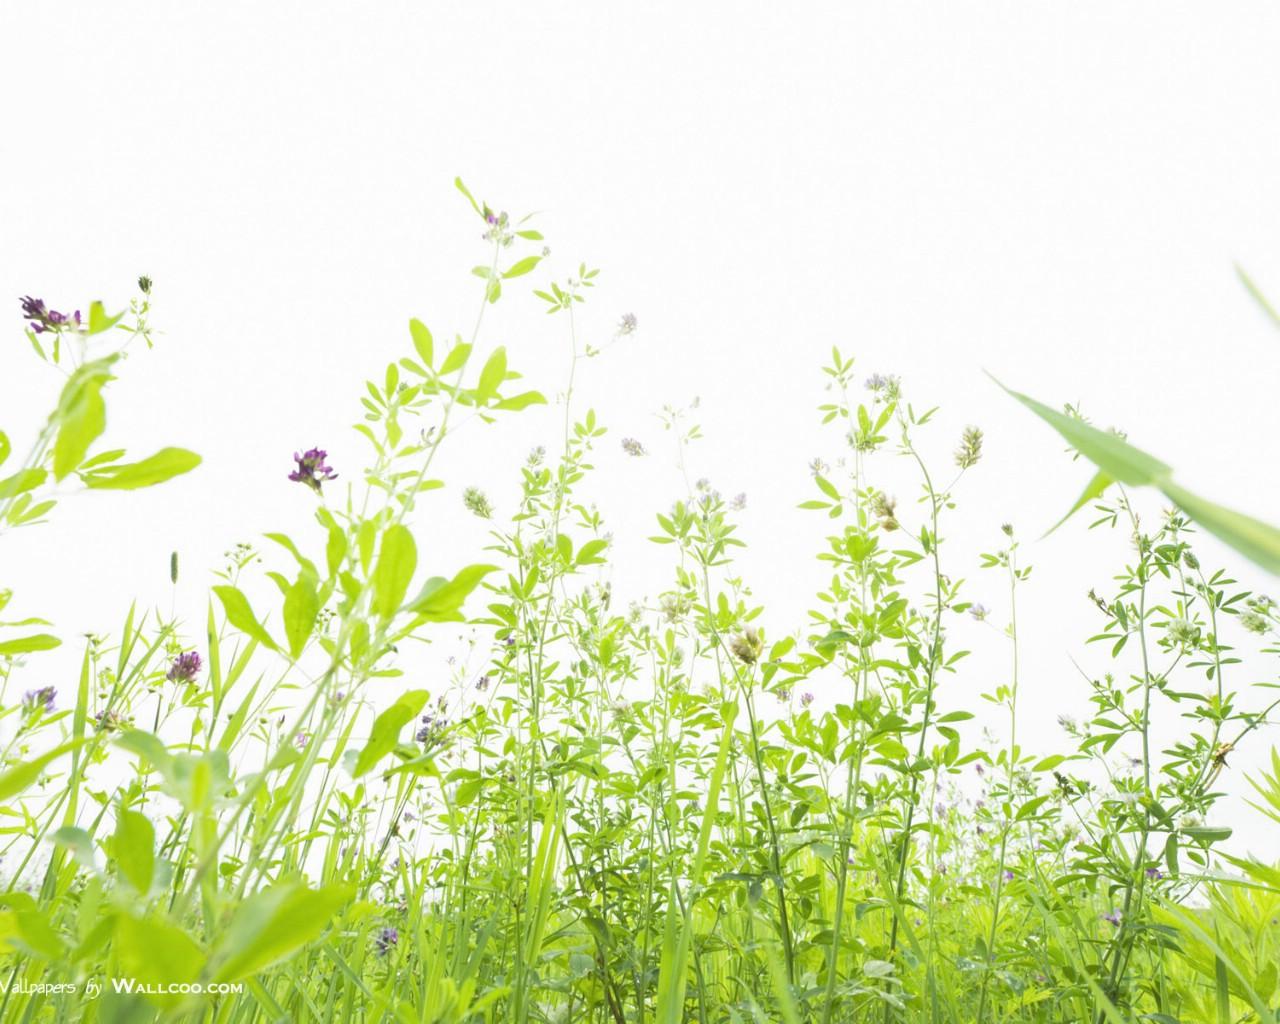 1024天空草原图片 草地上的野花图片壁纸,青青草原 草原天空摄影壁纸壁纸图片